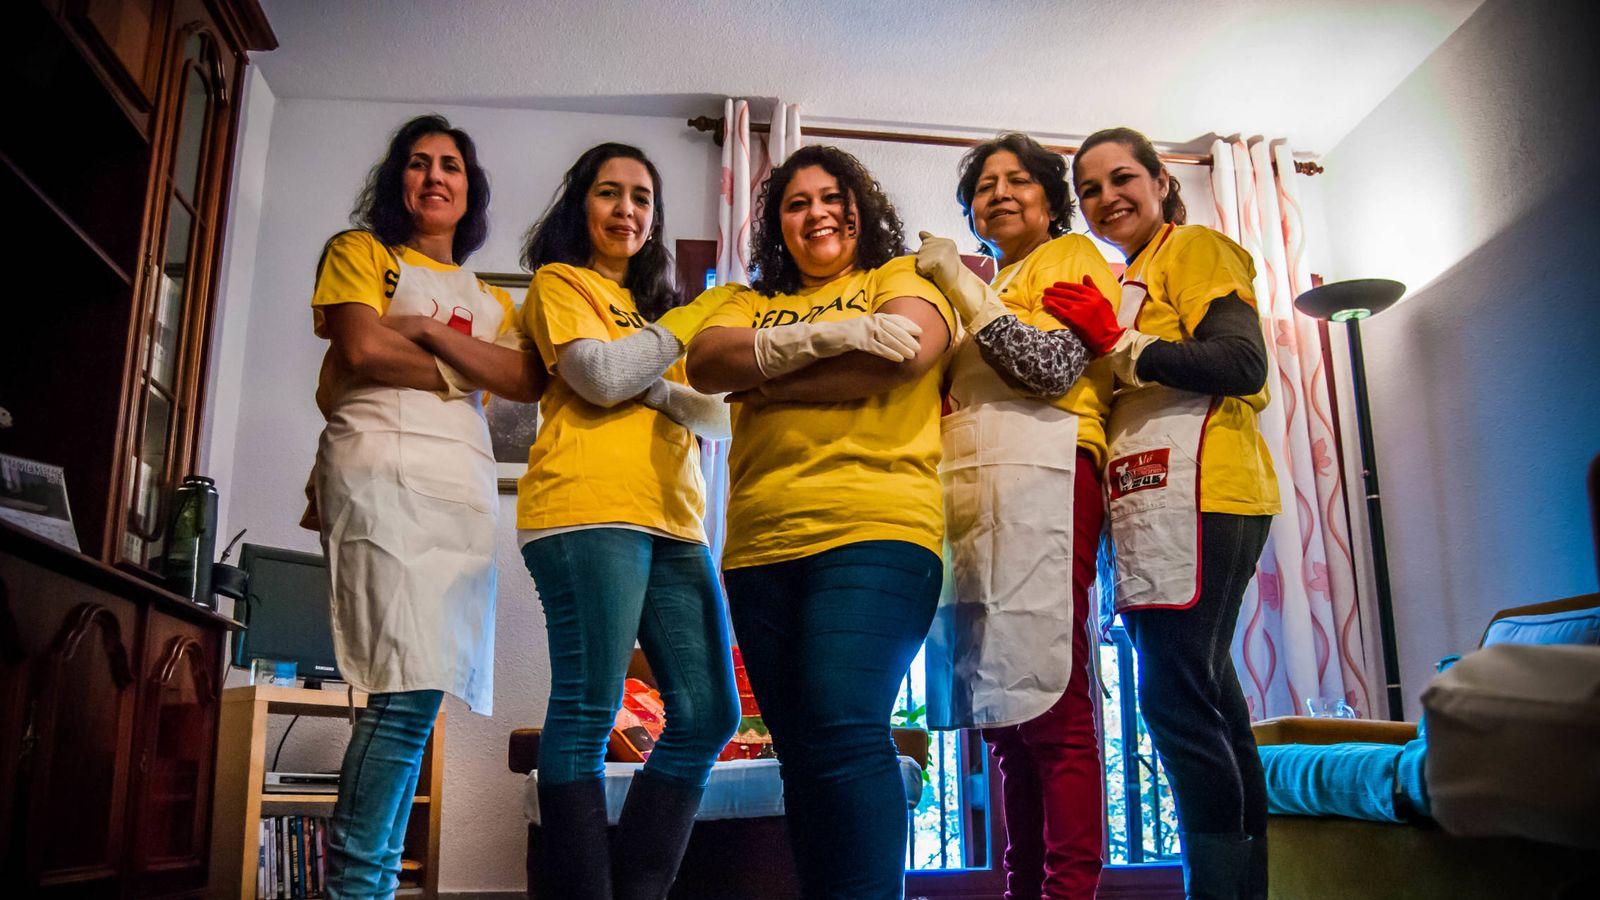 Foto: De izquierda a derecha: Marta, Yolanda, Carolina, Dona y Delia, empleadas de hogar (Foto: Carmen Castellón)